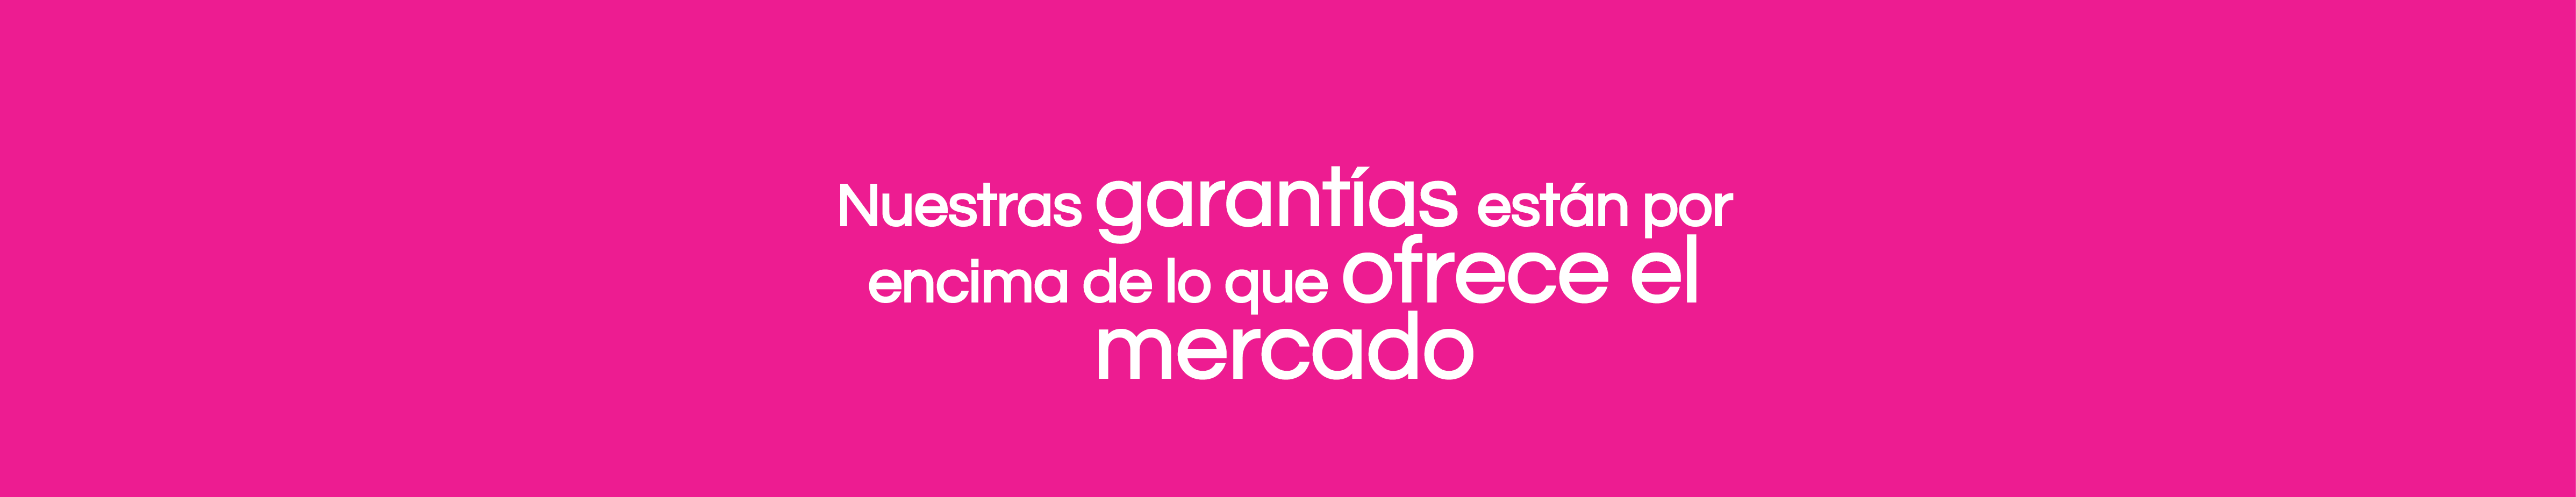 GALERIA DE FRASES_4-01